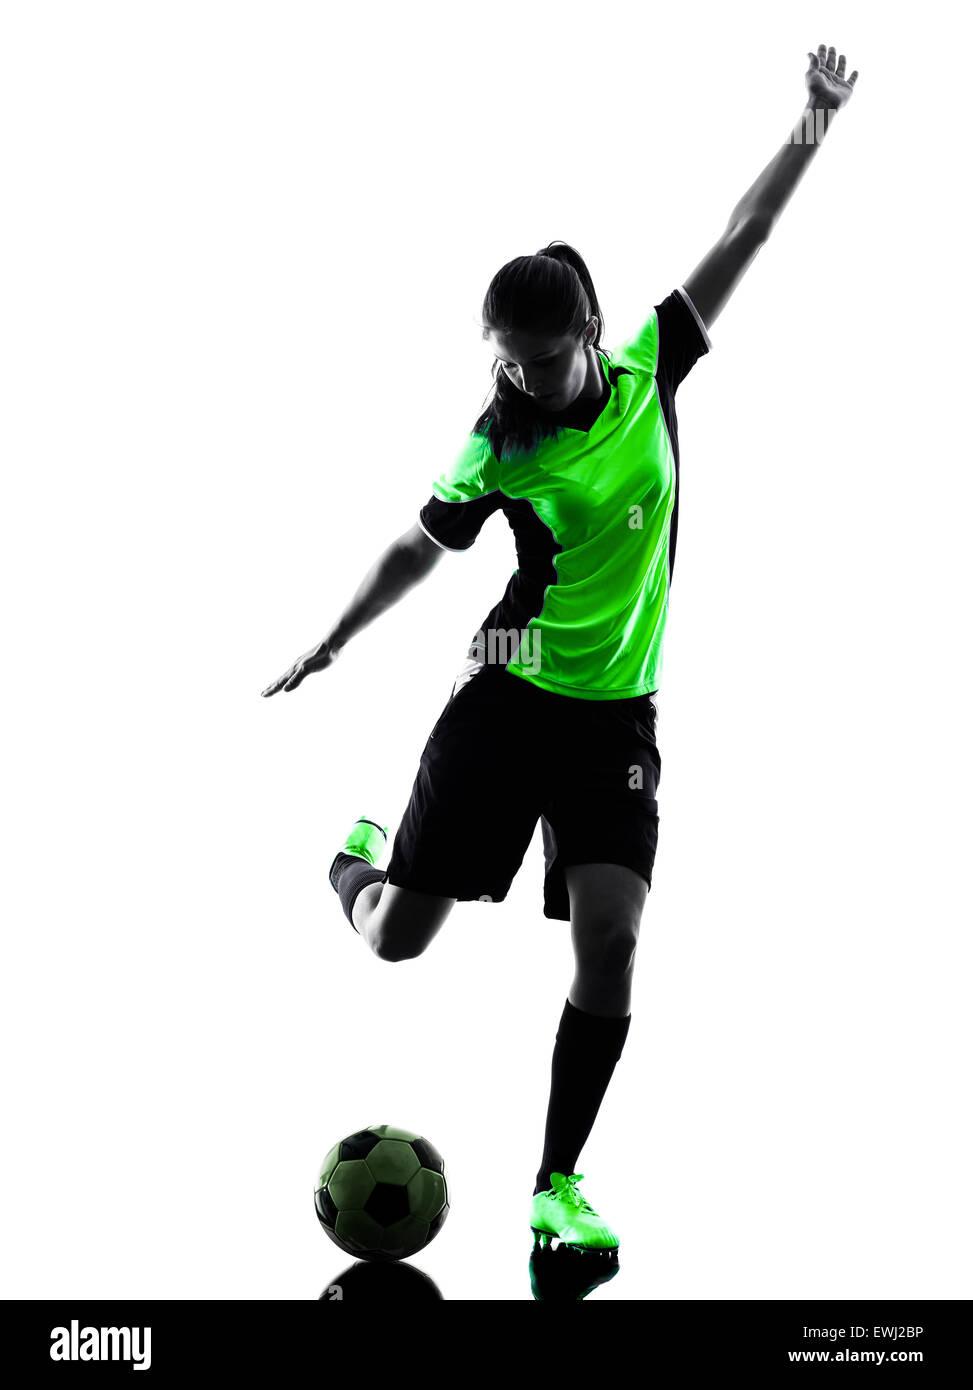 Una mujer jugando fútbol jugador en silueta aislado sobre fondo blanco.  Imagen De Stock 662dc3bb304f2